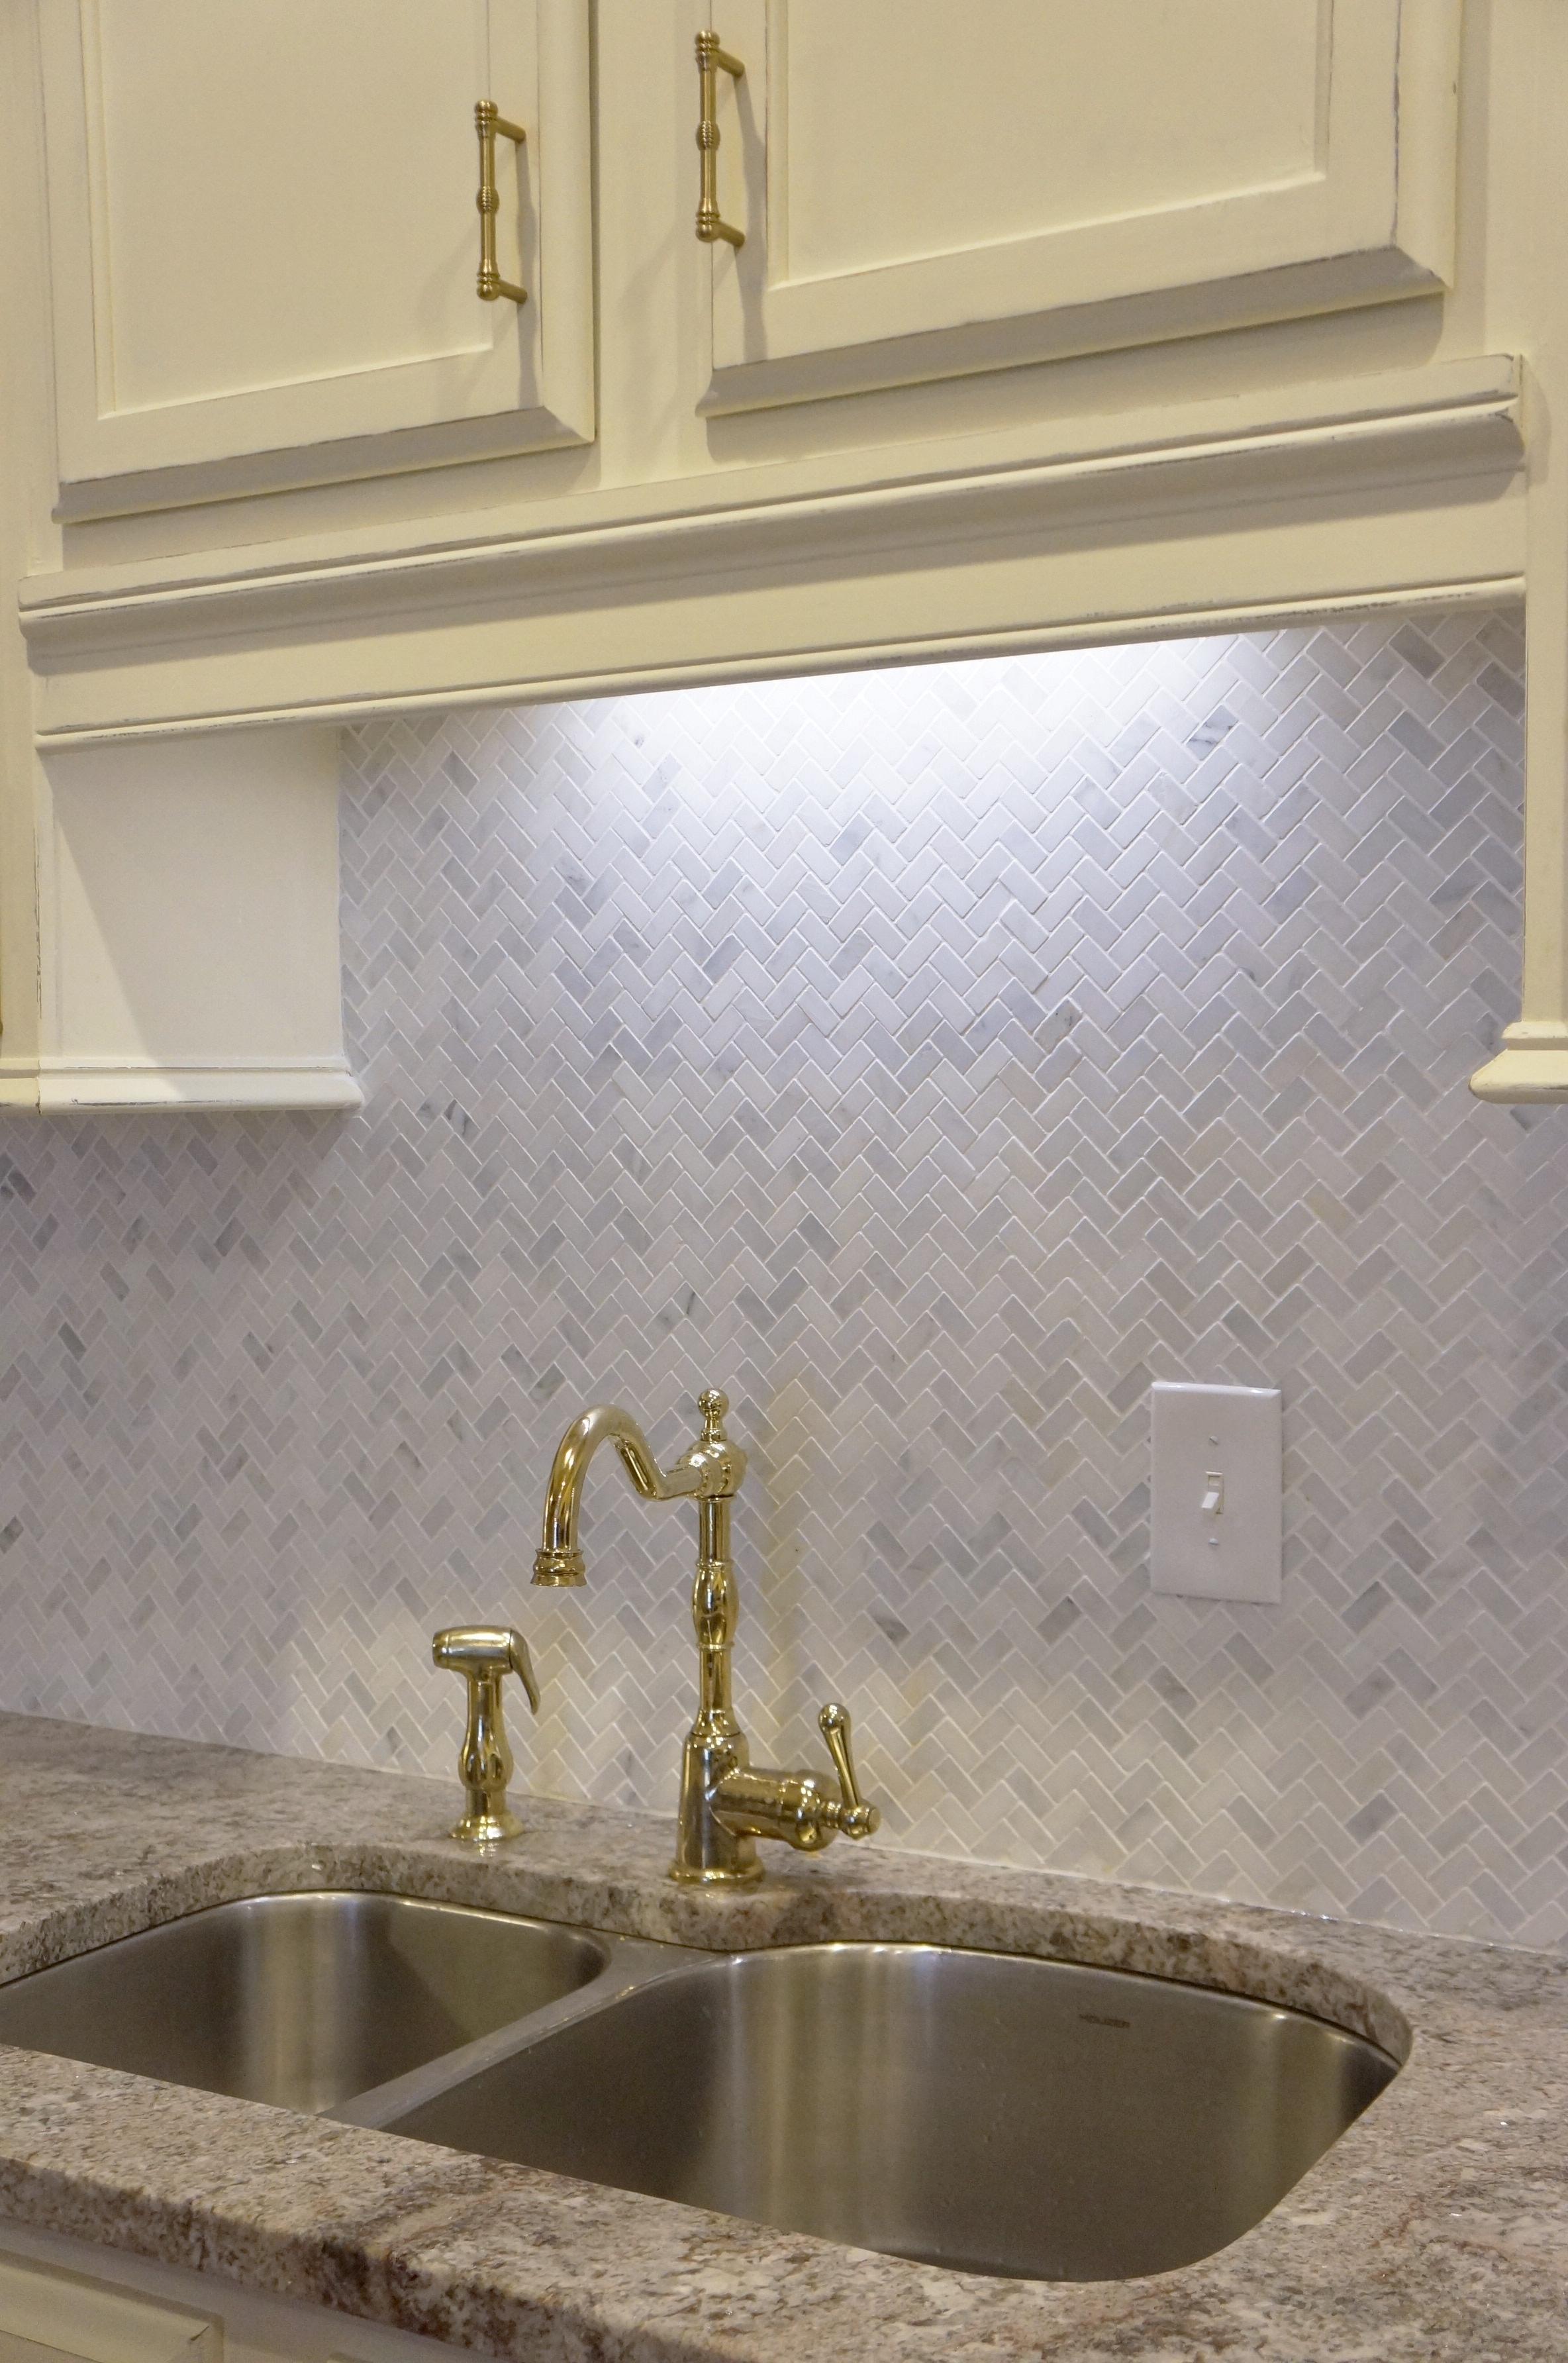 Backsplash tile complete!